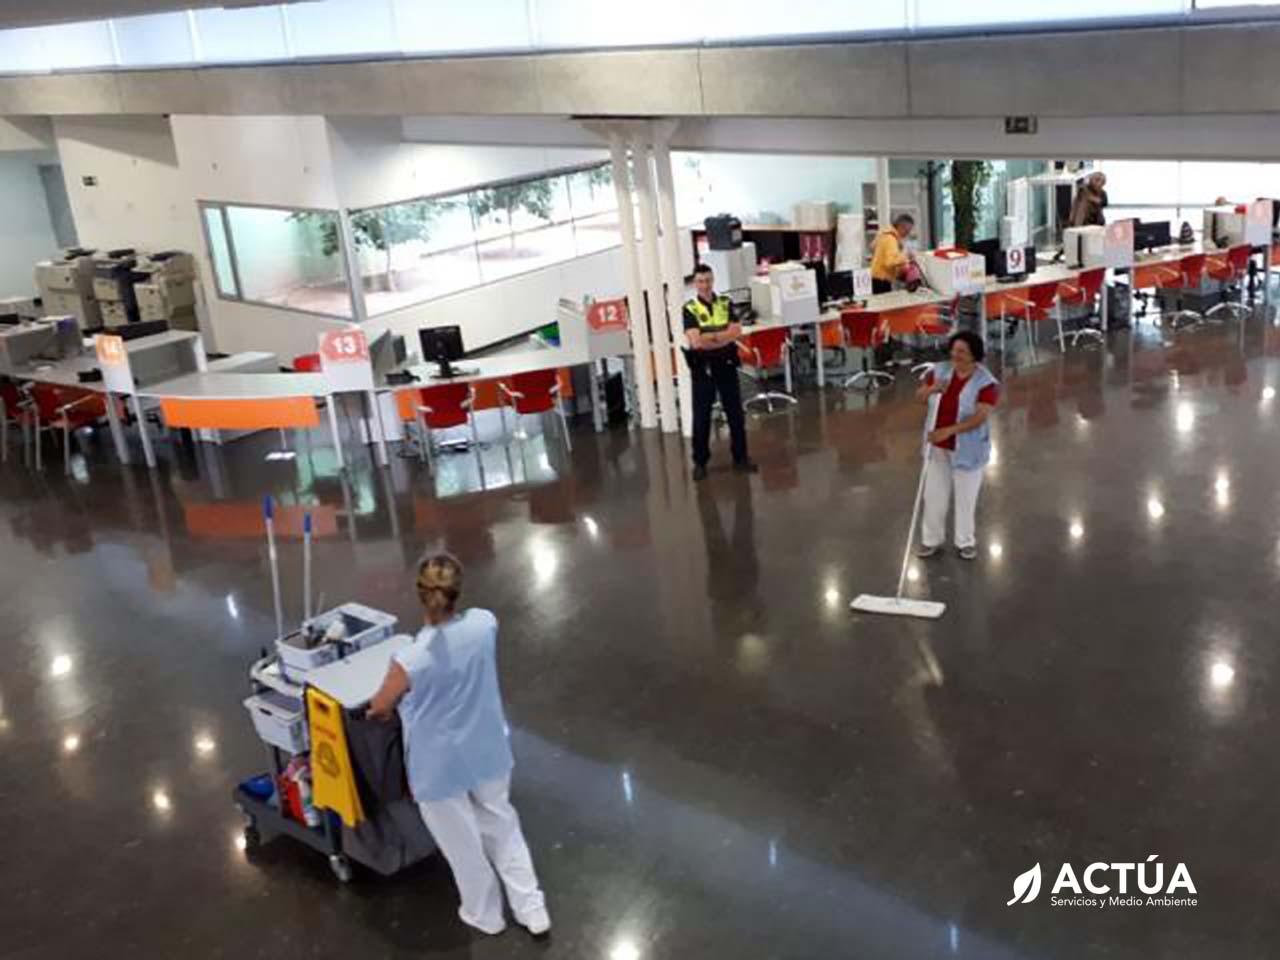 Limpieza de Edificios Públicos y Sanitarios